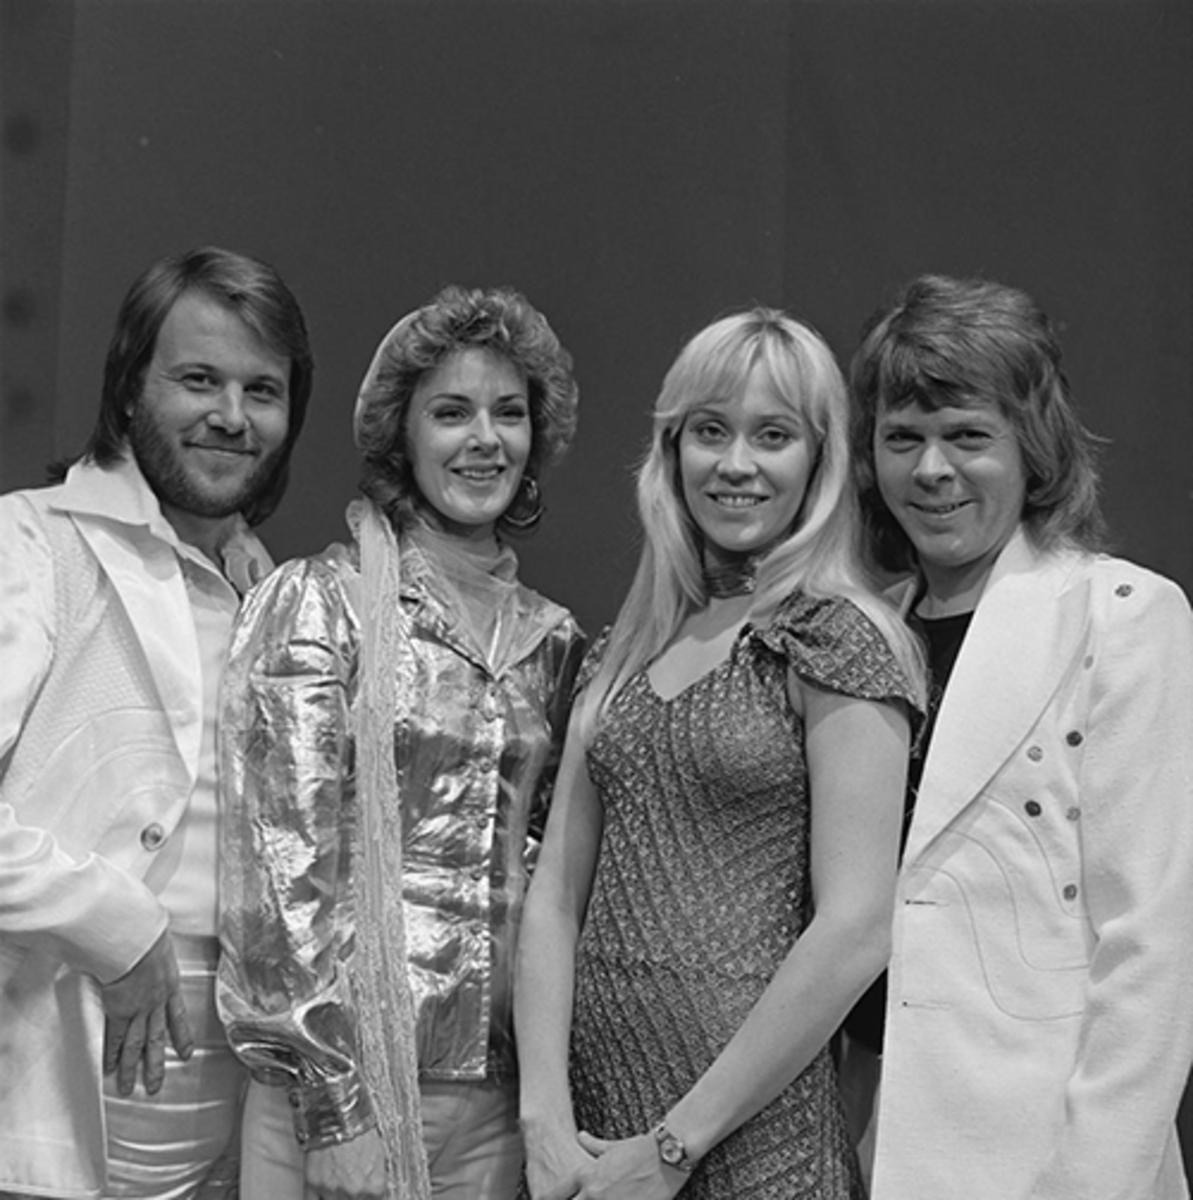 abba, not ABBA